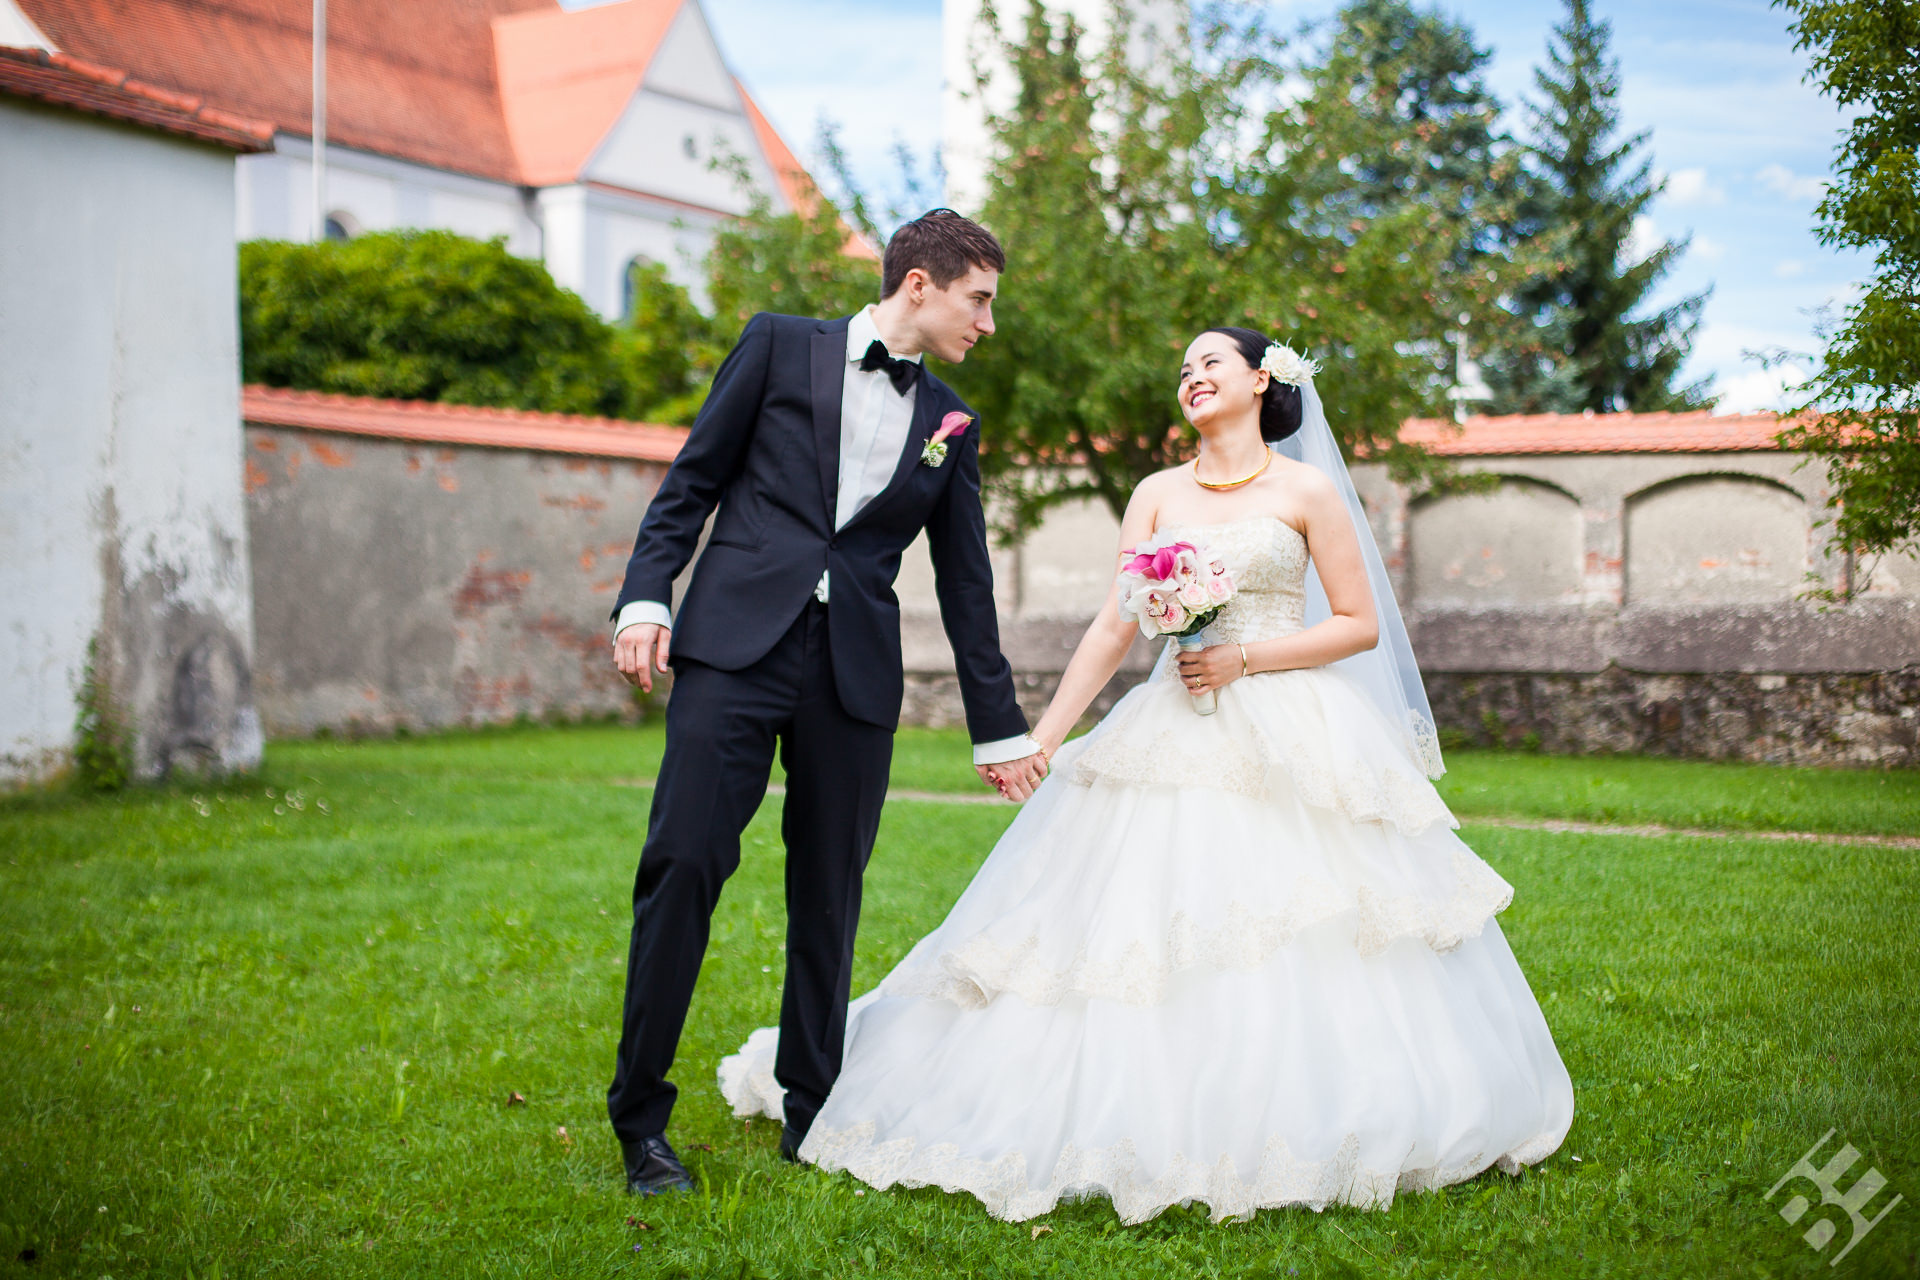 Hochzeit_71_IMG_0613_Volen_Evtimov